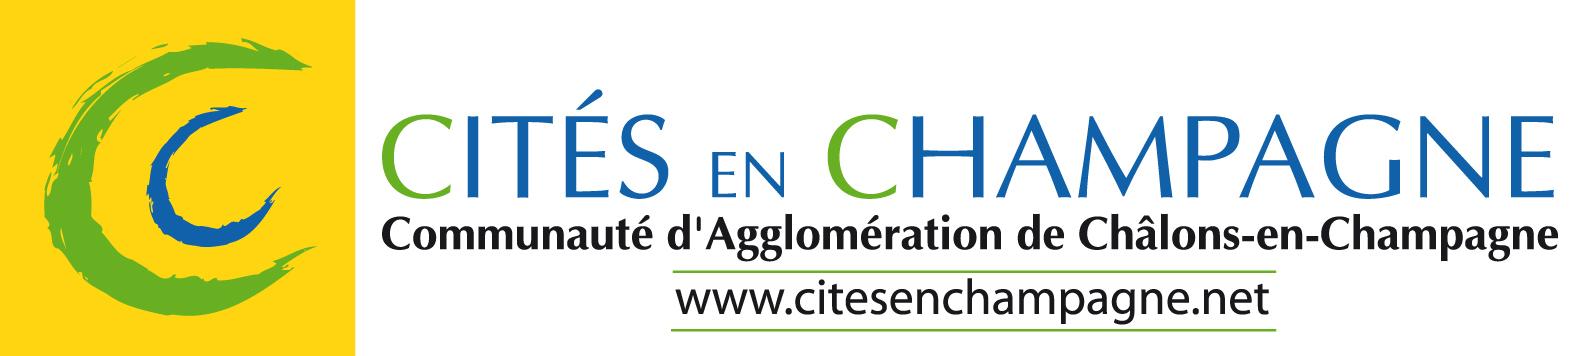 Communauté d'Agglomération de Châlons-en-Champagne (51)